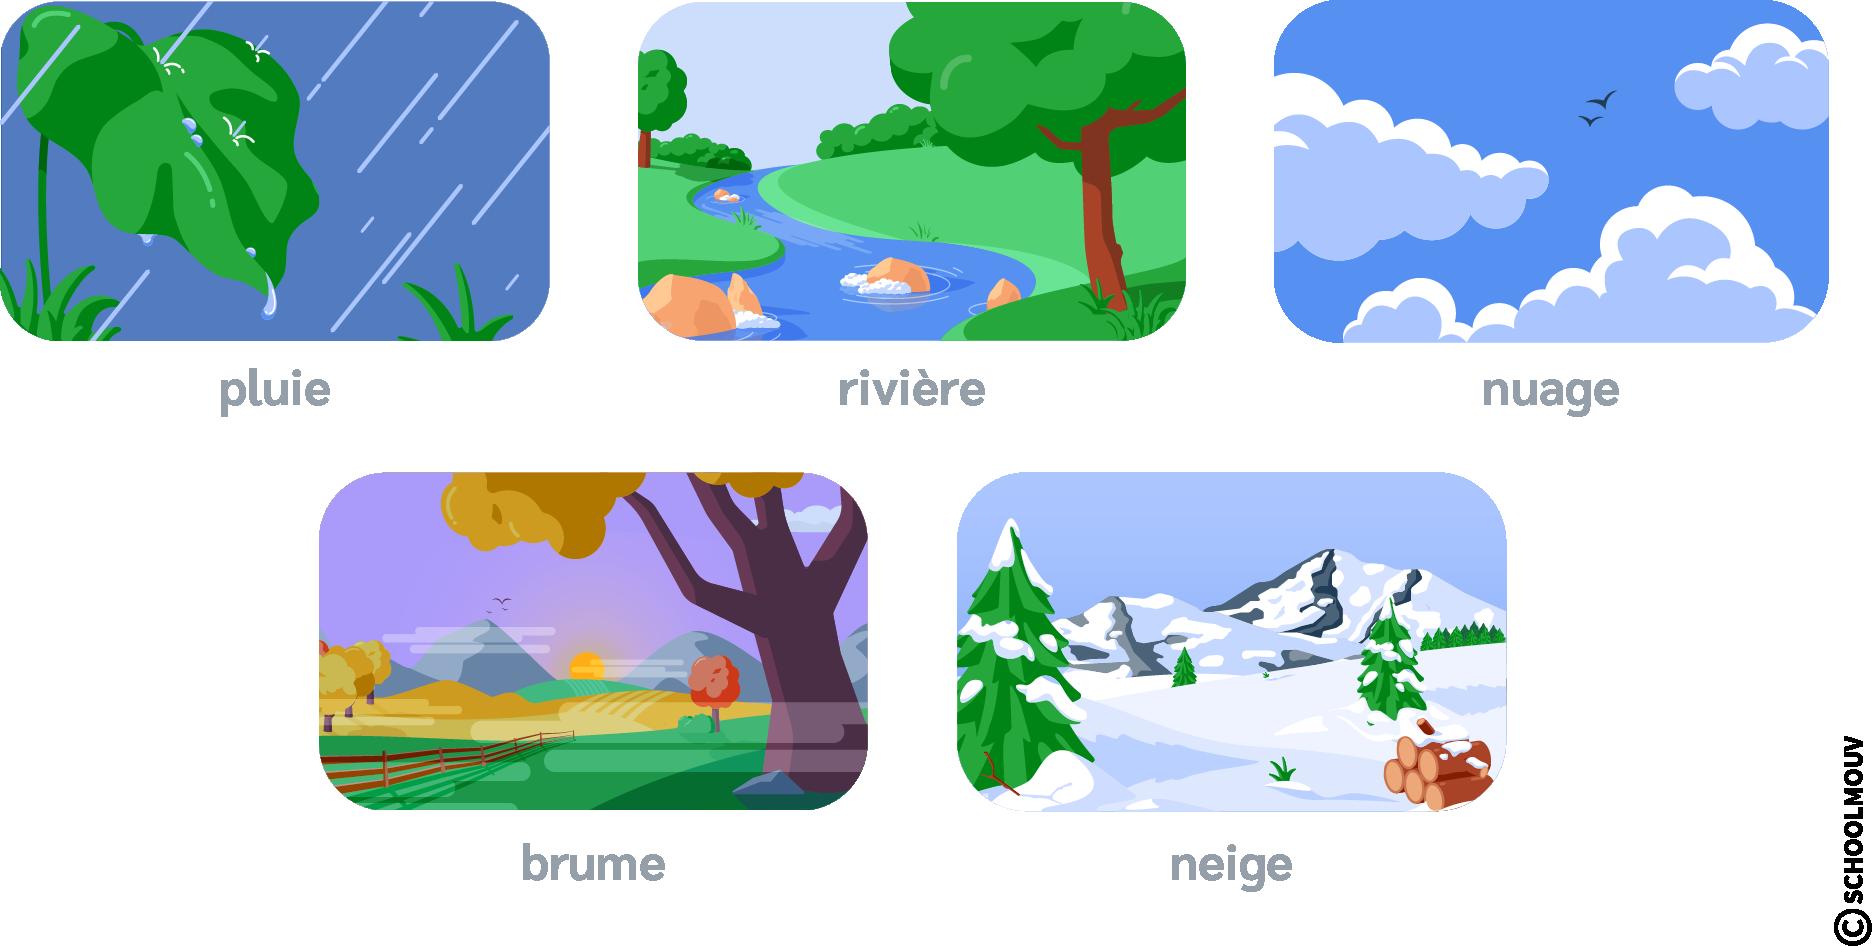 Pluie - Rivière - Nuage - Brume - Neige - Eau - Nature - Sciences - CP